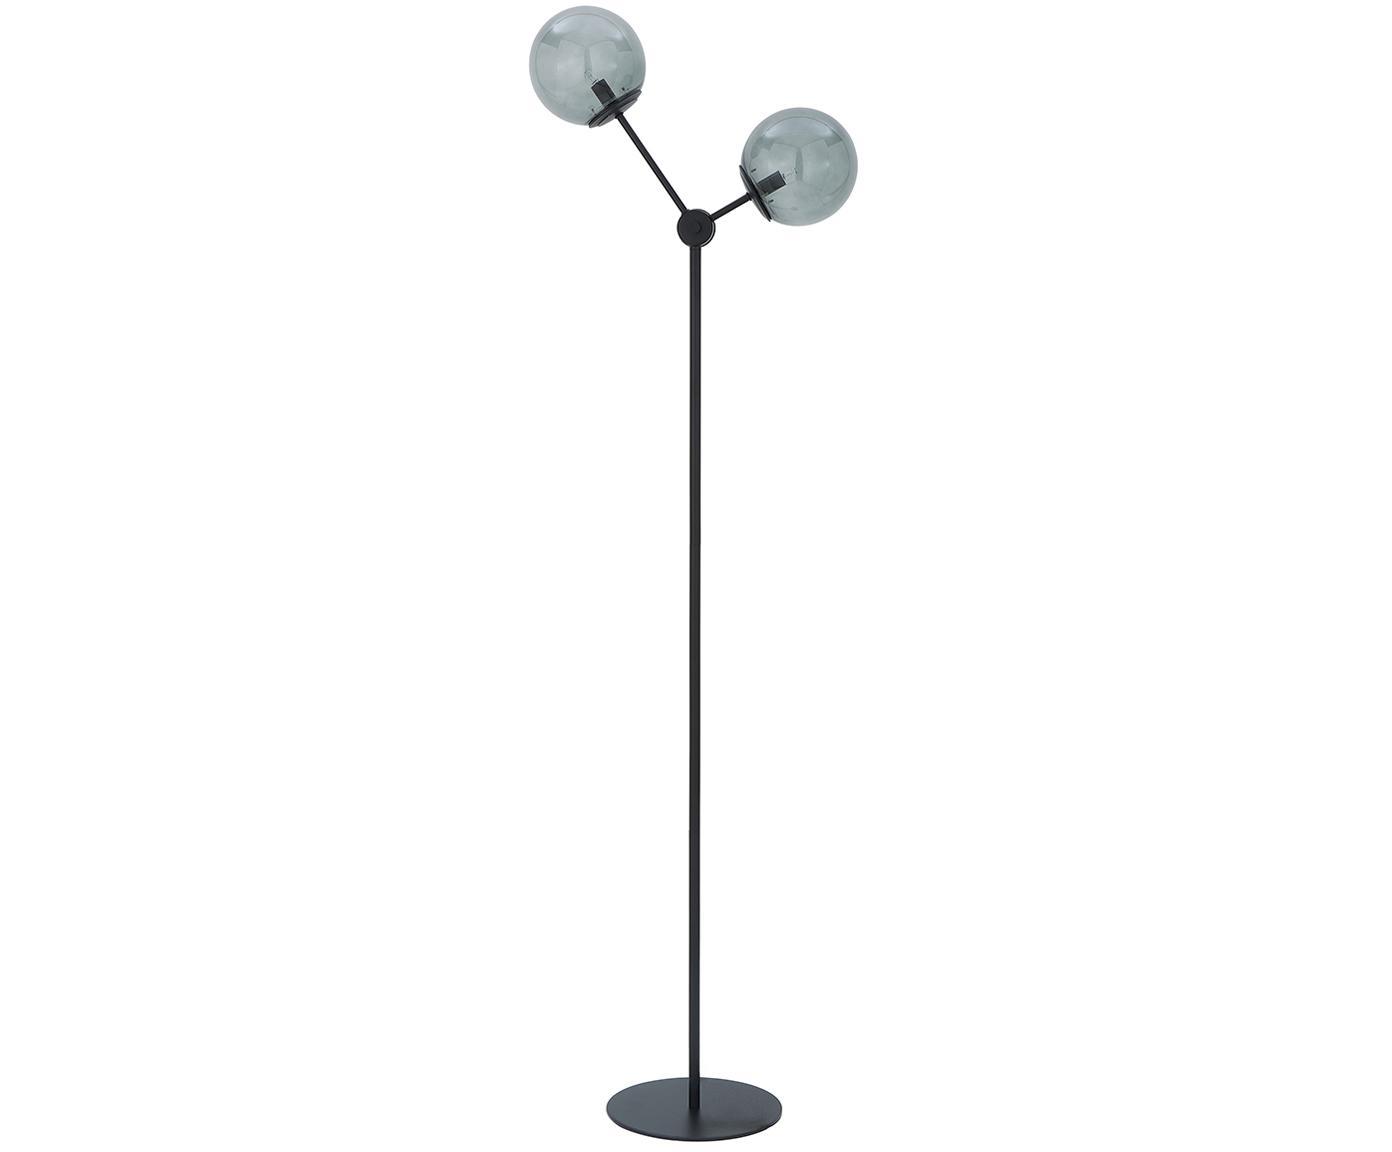 Lampa podłogowa Aurelia, Czarny, szary, Ø 25 x W 155 cm